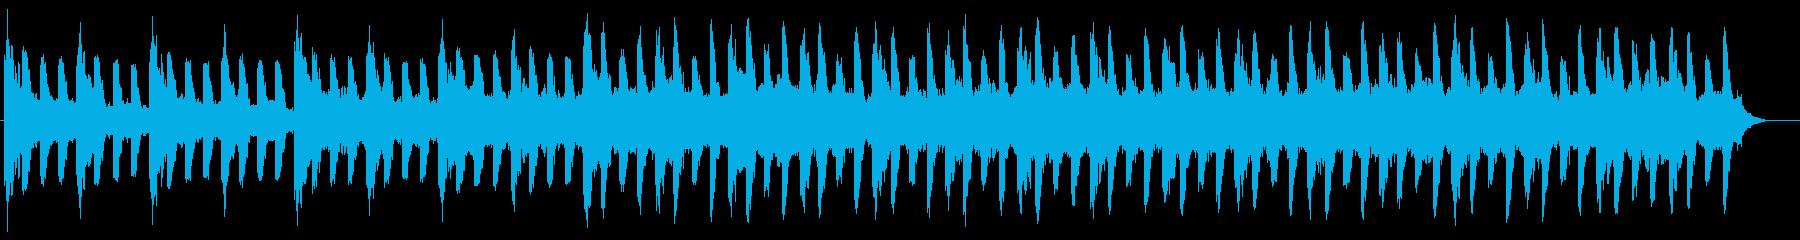 企業VPなどの映像に クールな雰囲気の再生済みの波形